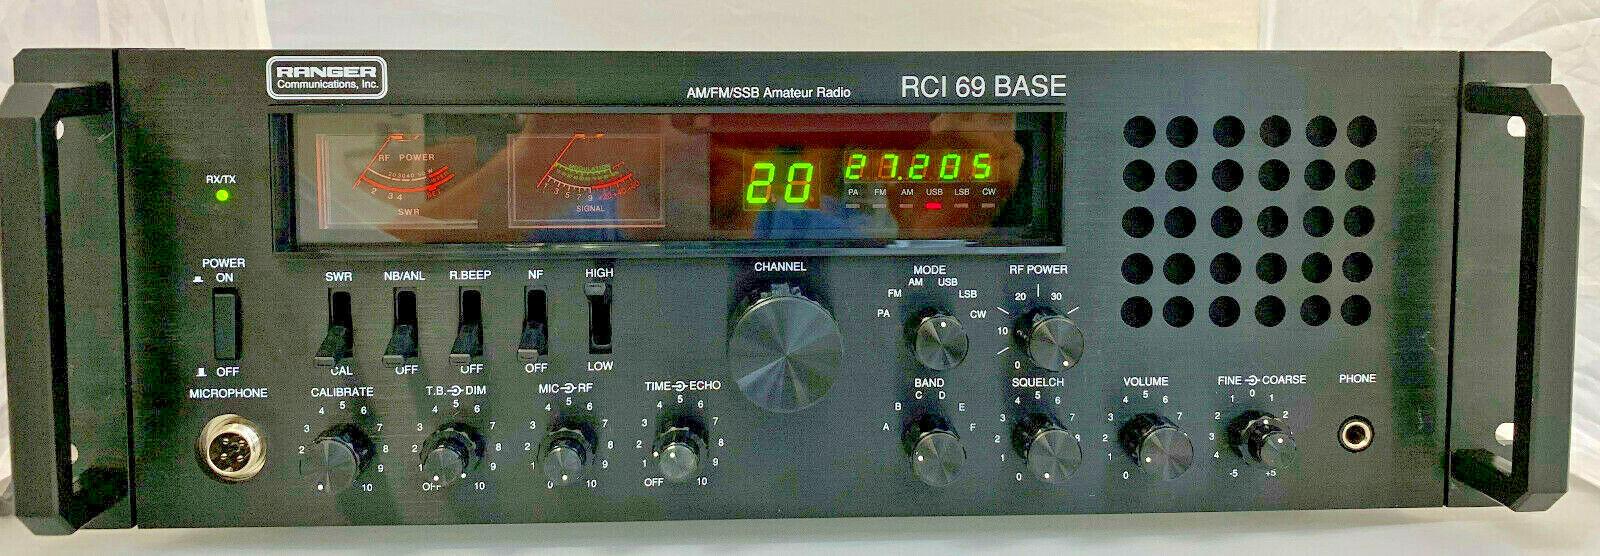 RCI-69 Base AM/FM/SSB/CW Station 10 Meter Amateur Radio AM/F